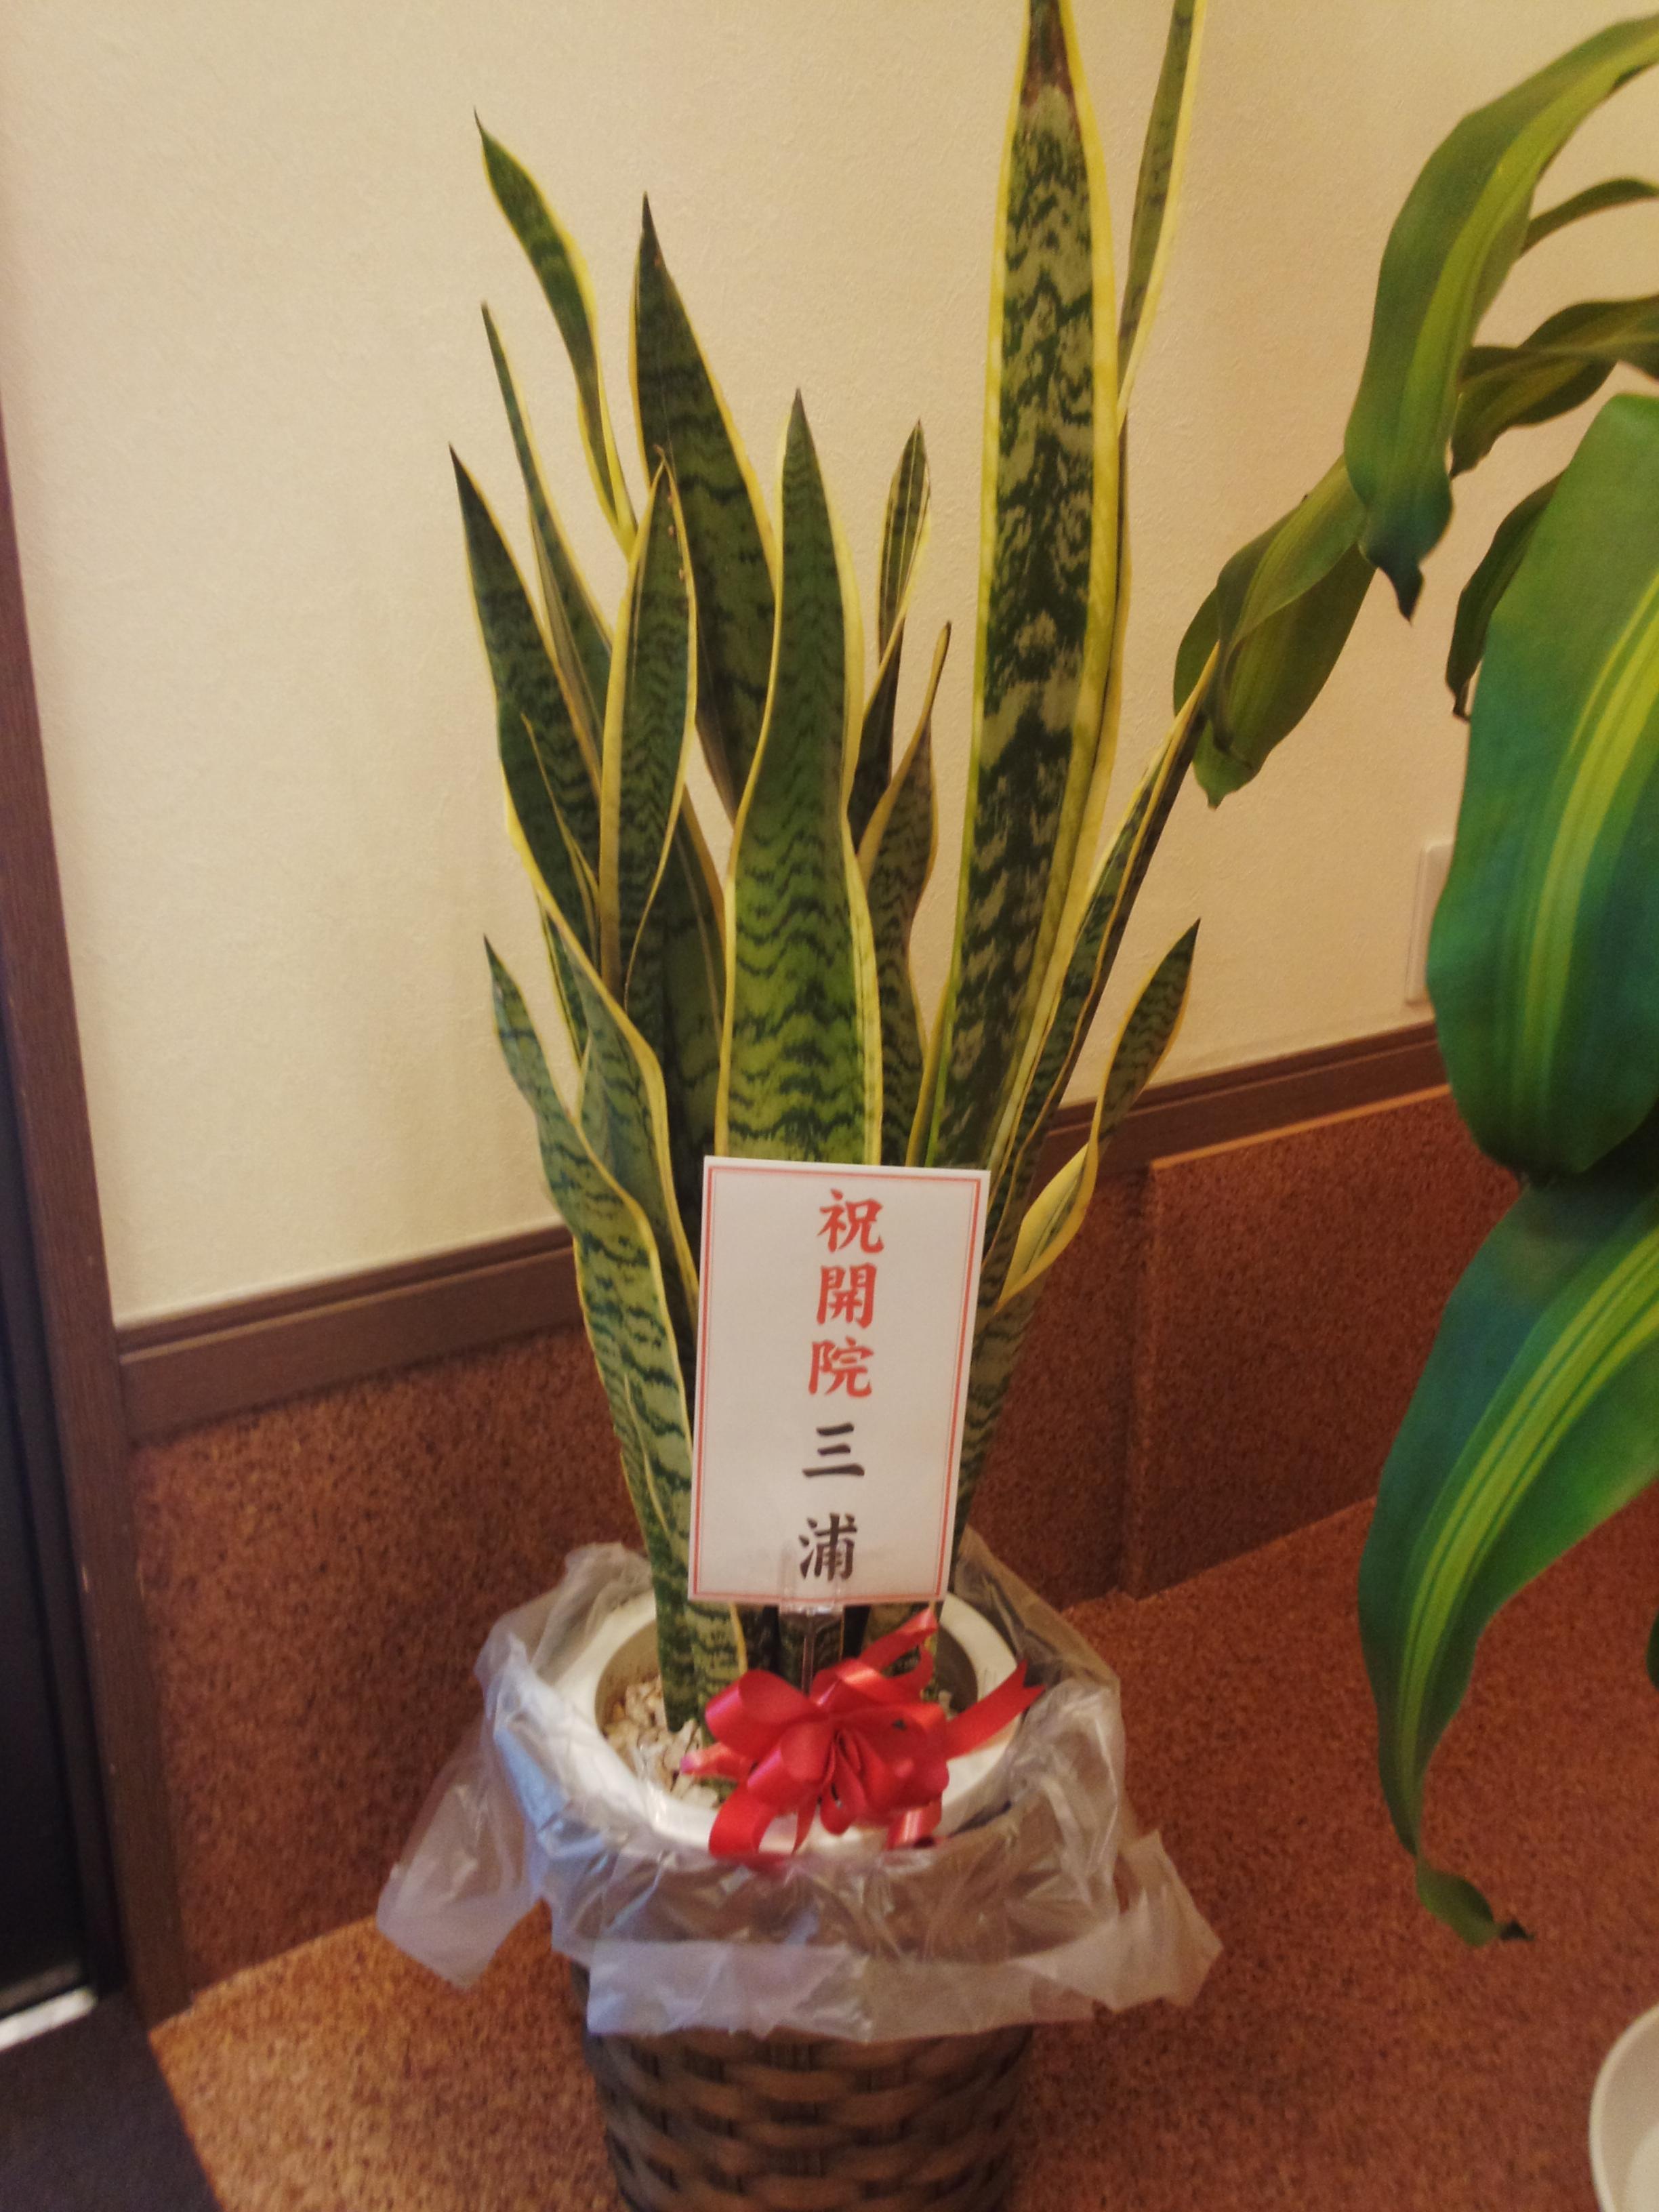 三浦先生から頂いた観葉植物